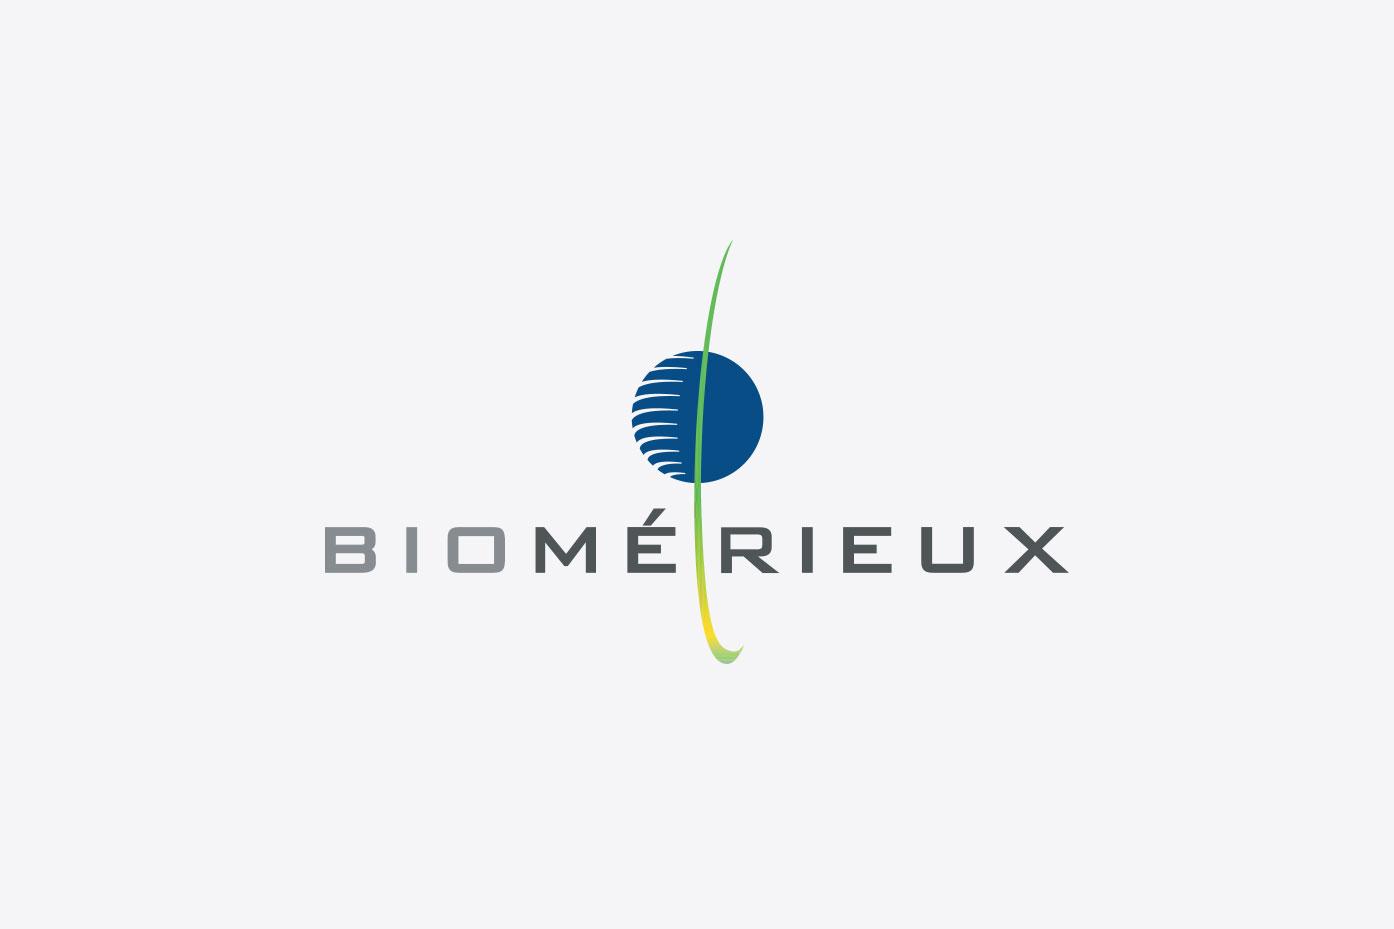 Fallstudie: bioMérieux